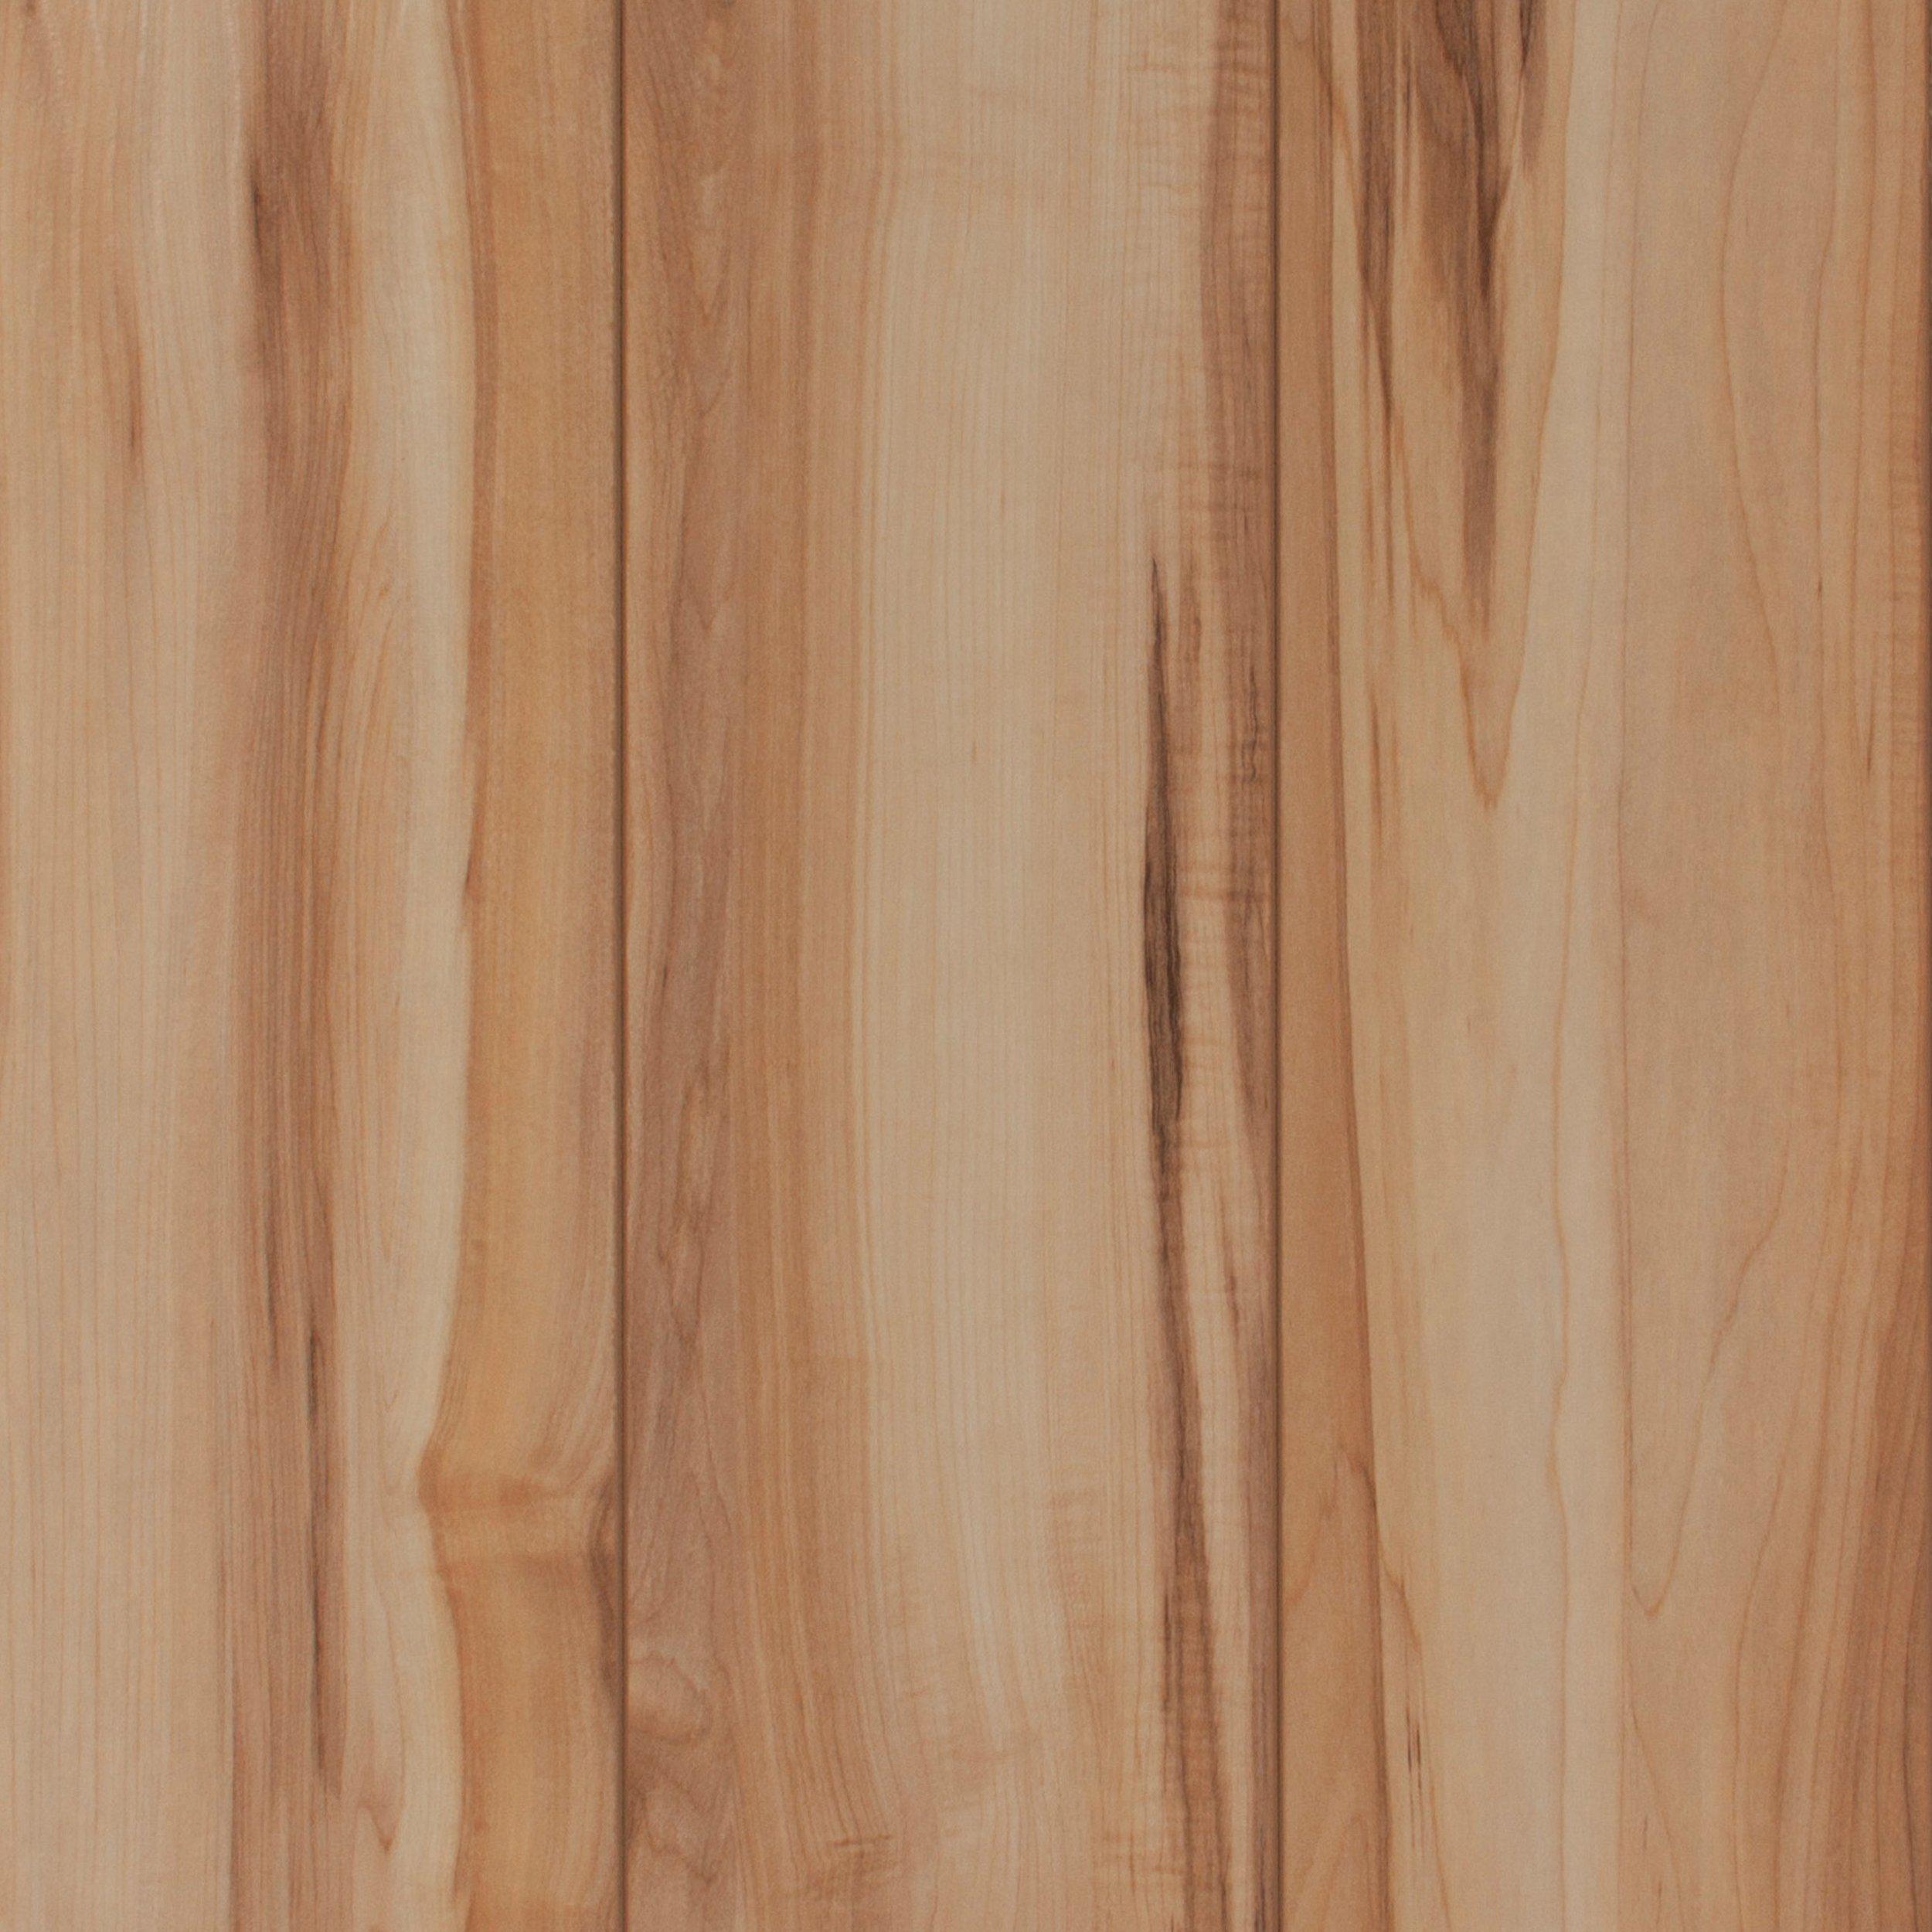 maple laminate flooring coronado maple laminate - 8mm - 100071034 | floor and decor RKMXXFQ